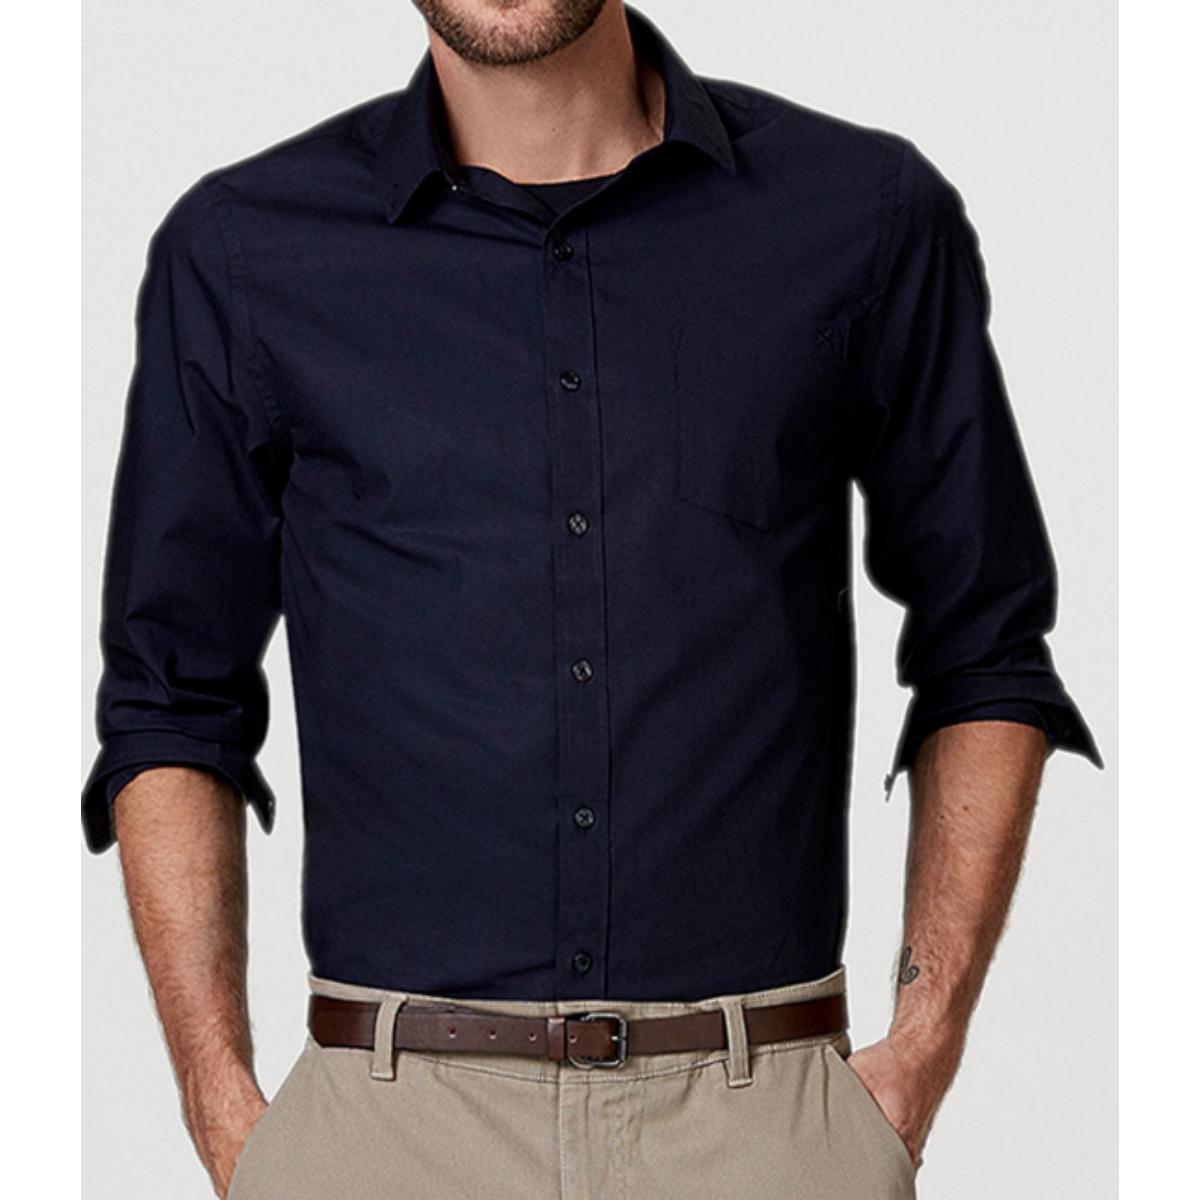 Camisa Masculina Hering K4an Ax7si Marinho